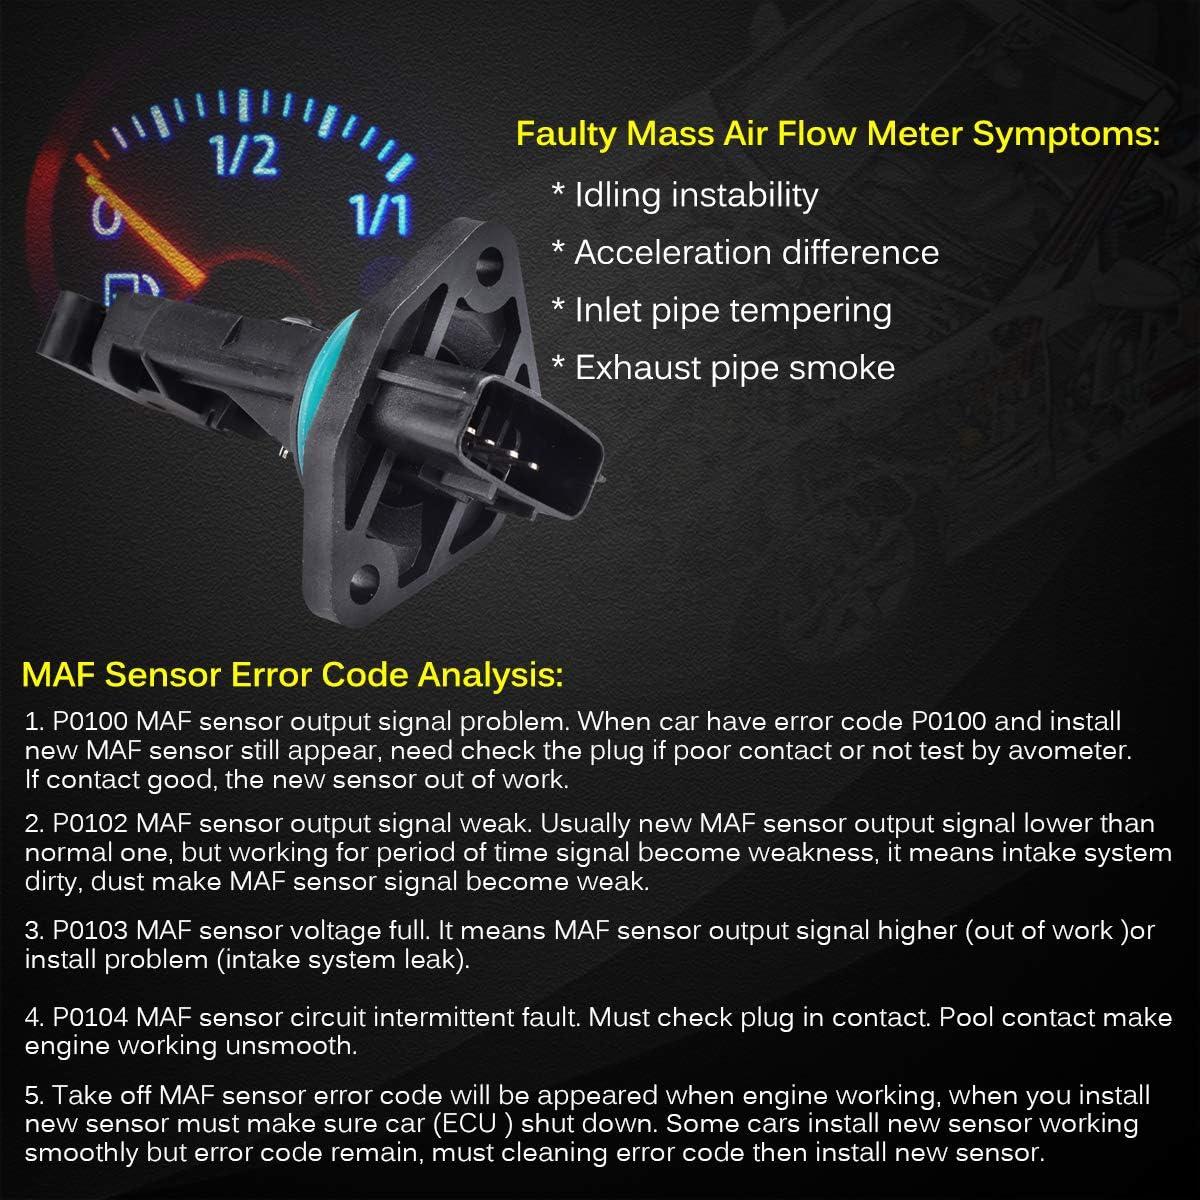 FAERSI Mass Air Flow Sensor Meter MAF 22680-4M500 22680-6N201 Compatible with Nissan Infiniti G20 I30 Maxima Sentra 2000-2002 G20 2.0L 2000 2001 I30 Maxima 3.0L /& Sentra 2.0L